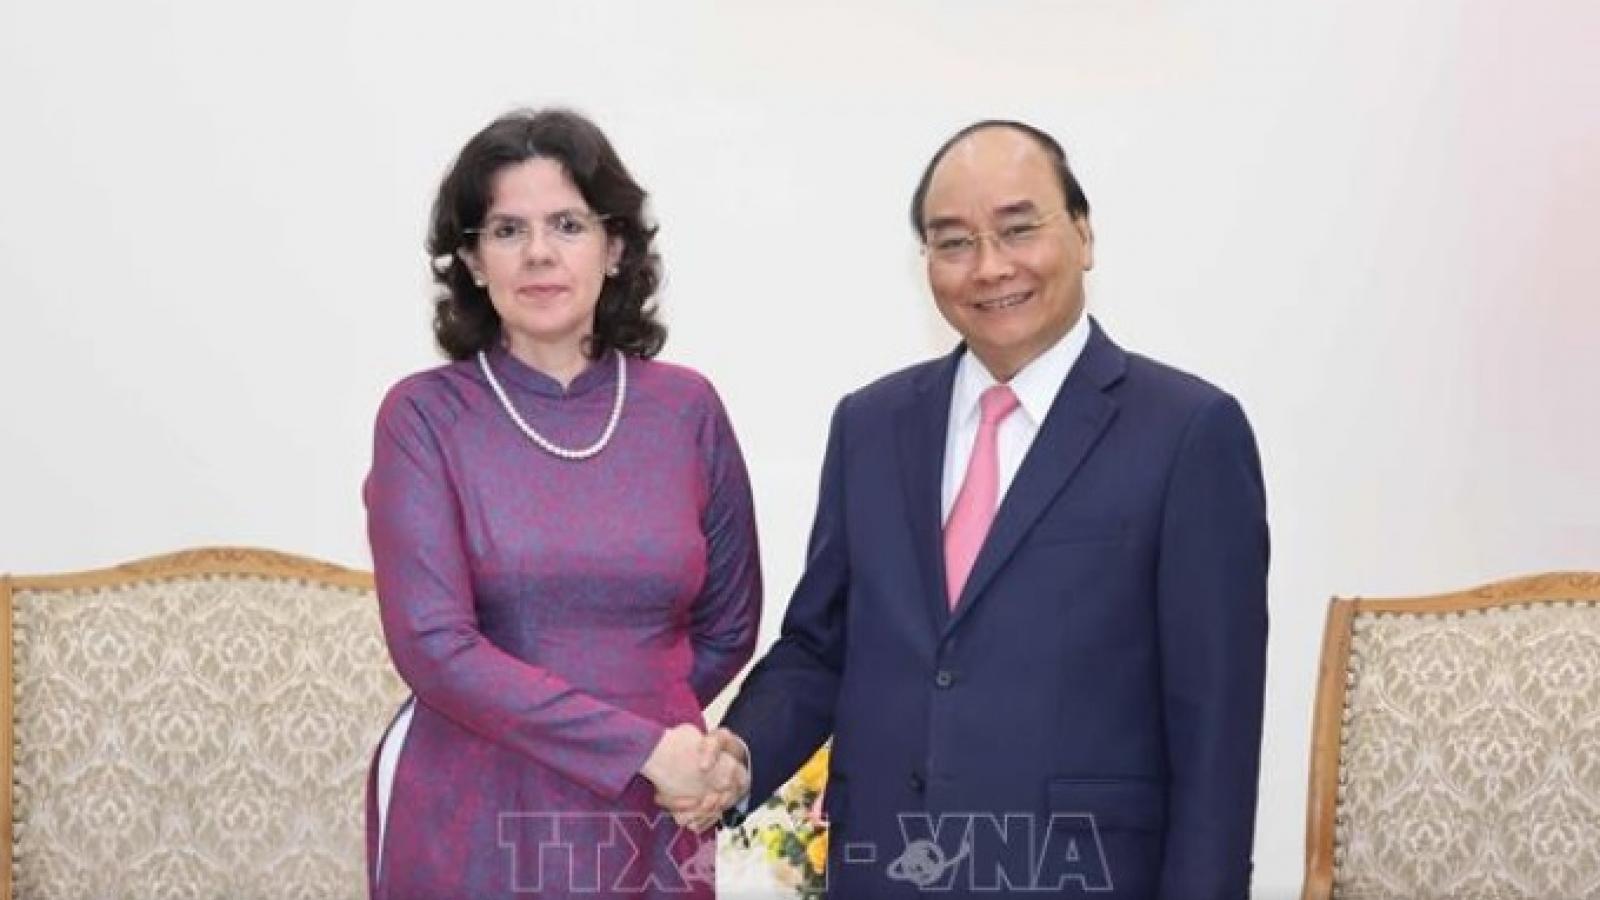 Thủ tướng Nguyễn Xuân Phúc tiếp Đại sứ Cuba chào từ biệt